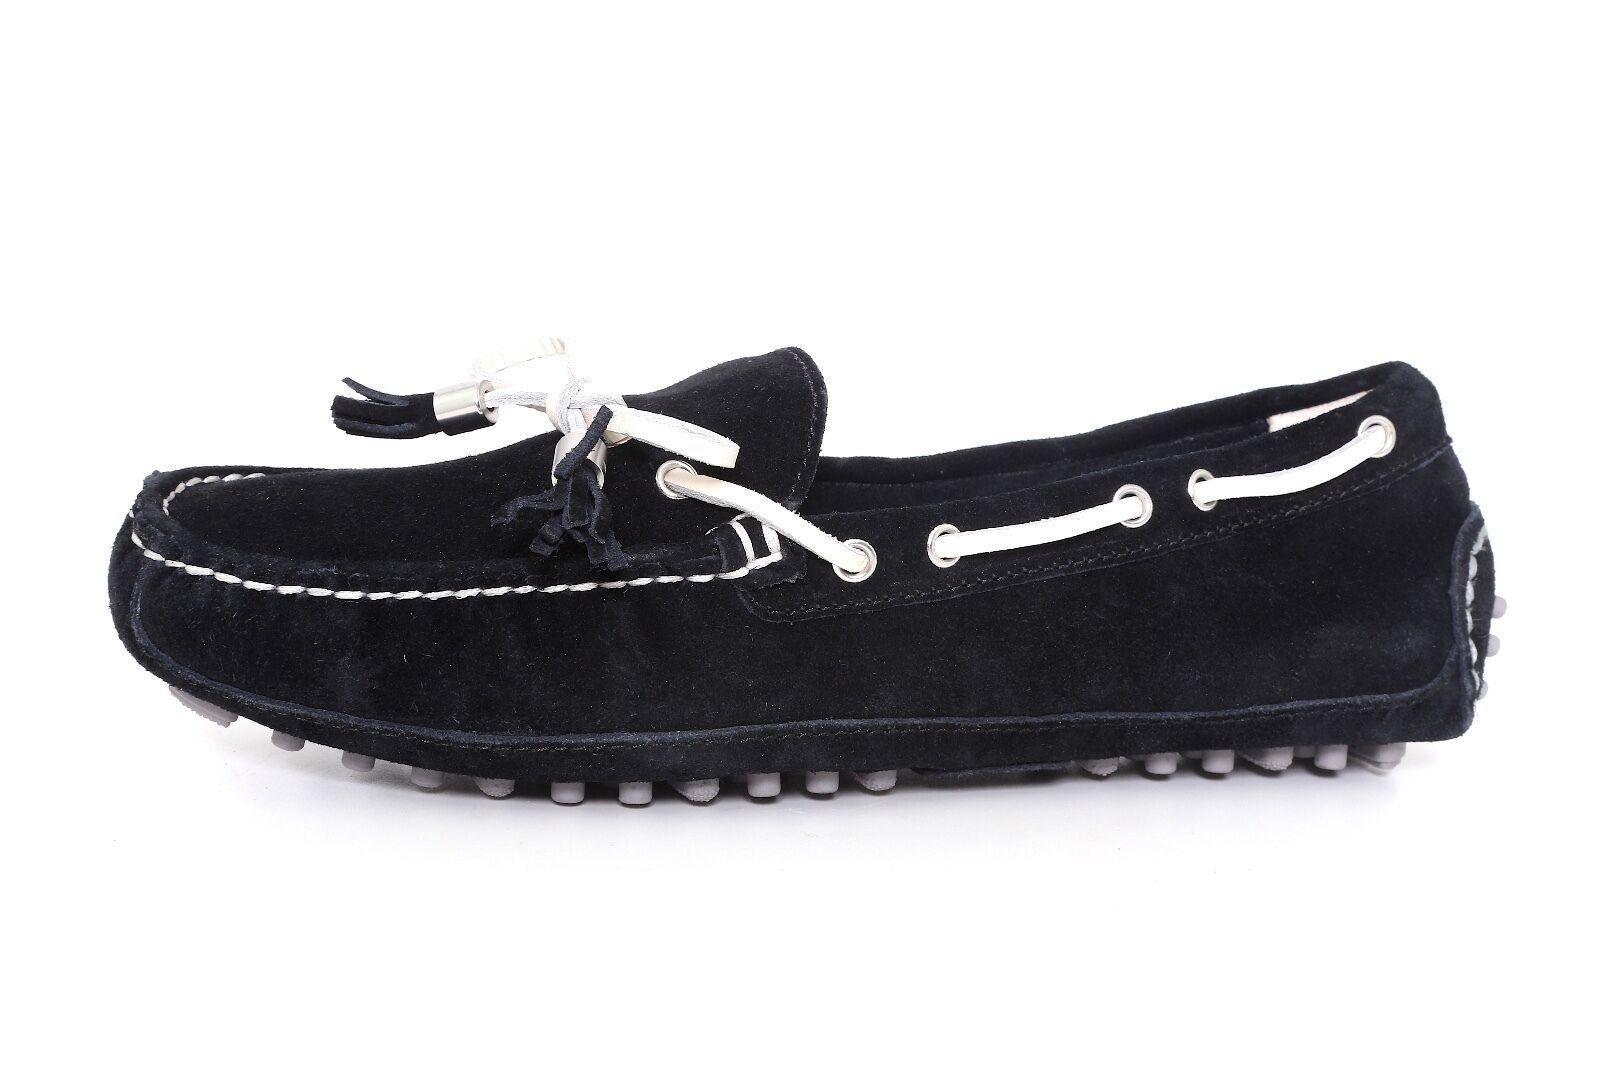 all'ingrosso a buon mercato Mismatch Cole Cole Cole Haan Donna  Suede Leather nero Grant Drivers 7668 Sz 6B-R 6.5B-L  prima i clienti